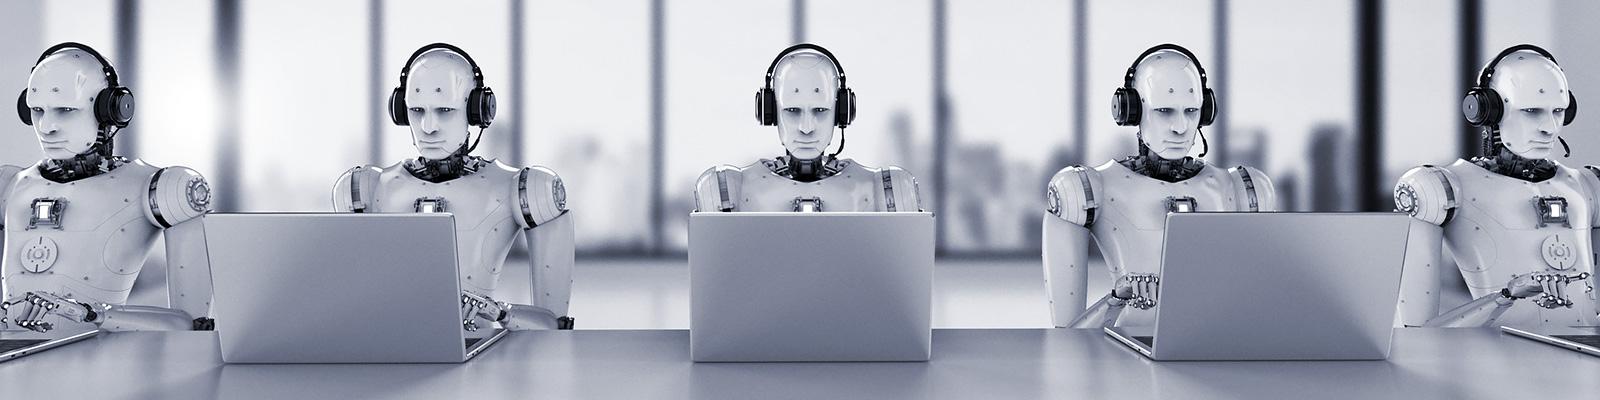 ロボット パソコン イメージ